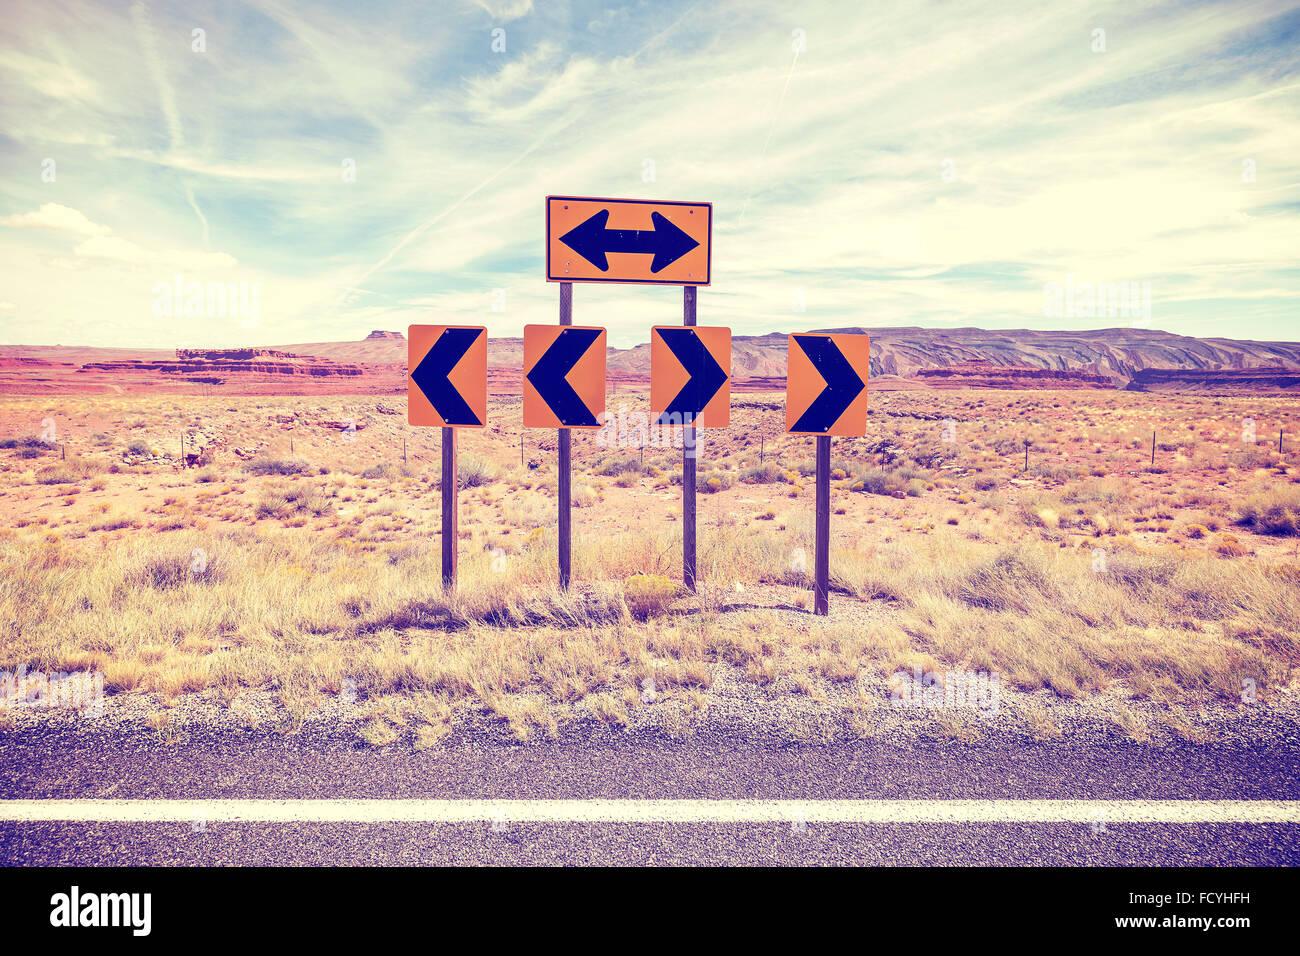 Vintage stilisierte Foto von Verkehrszeichen, Wahl-Konzept. Stockbild